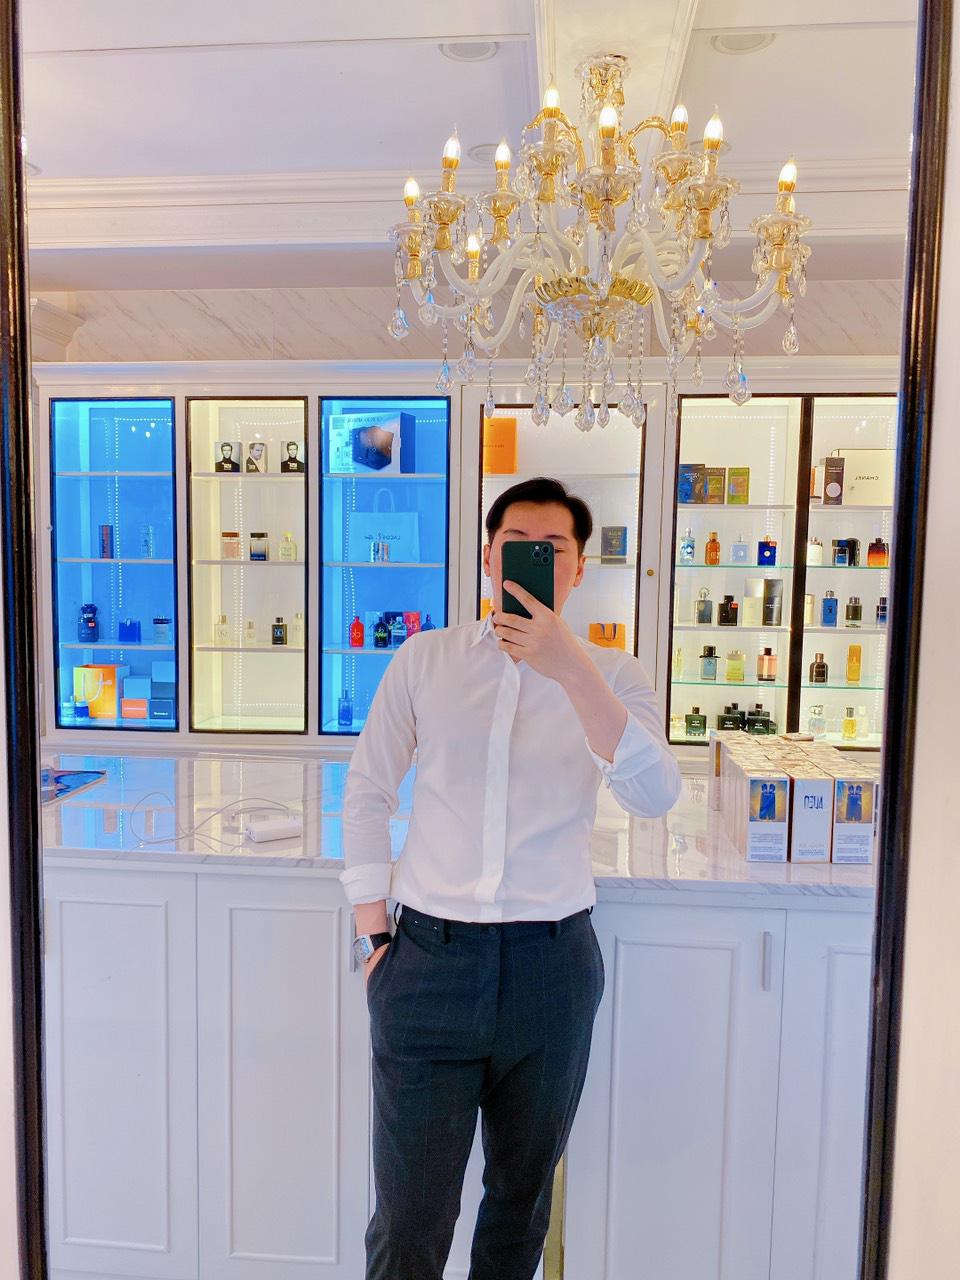 CEO Phạm Công & cơ sở nước hoa đình đám Perfume Louis Luxury - Ảnh 1.